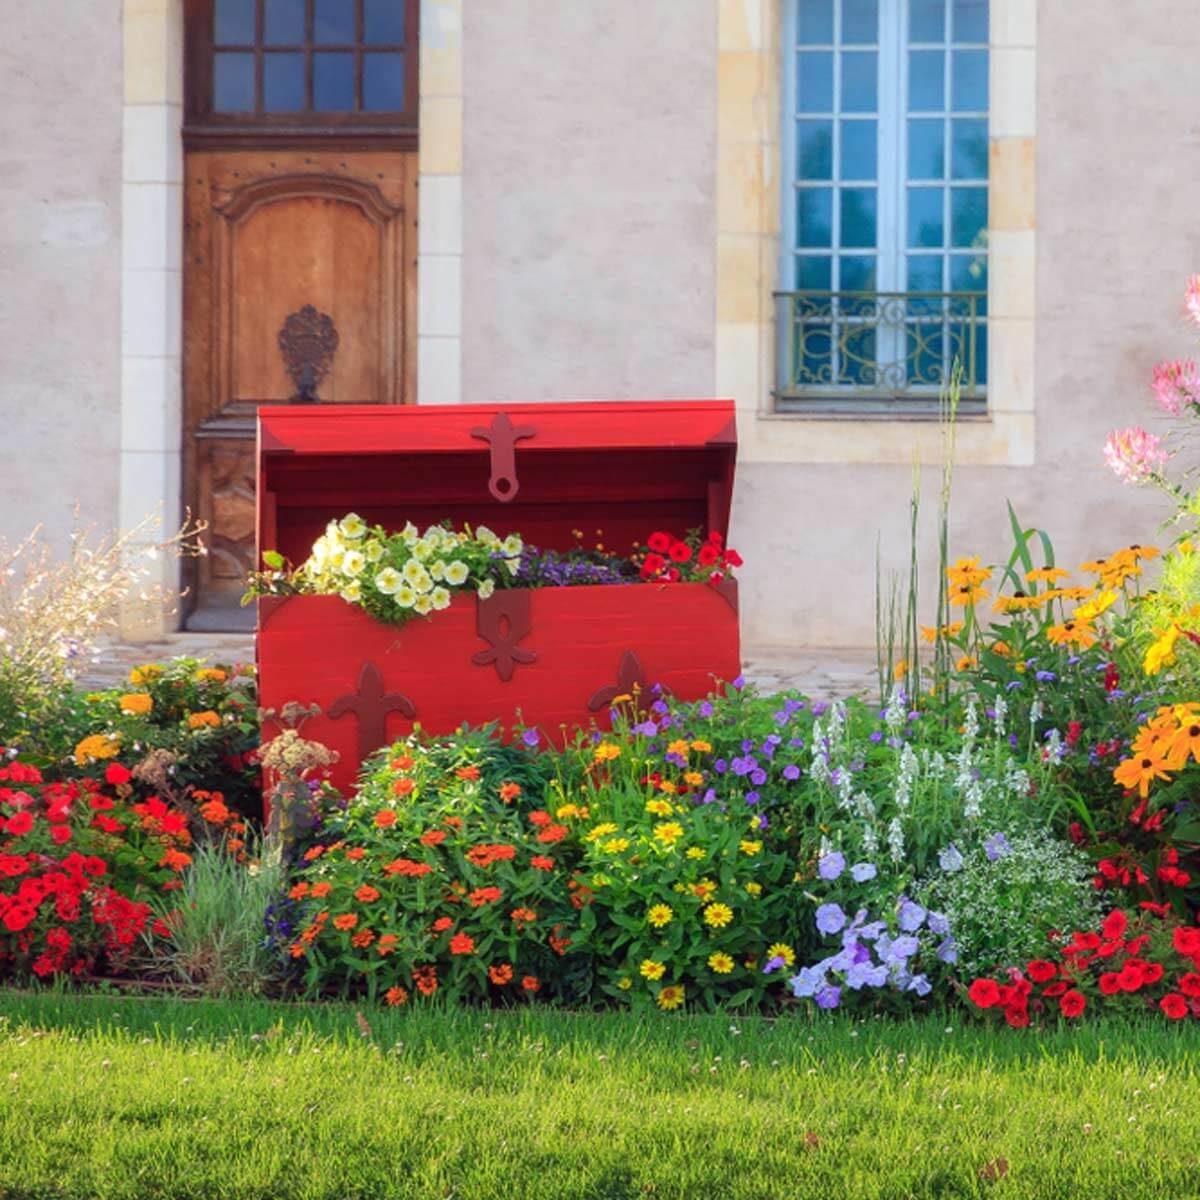 flower bed garden red chest